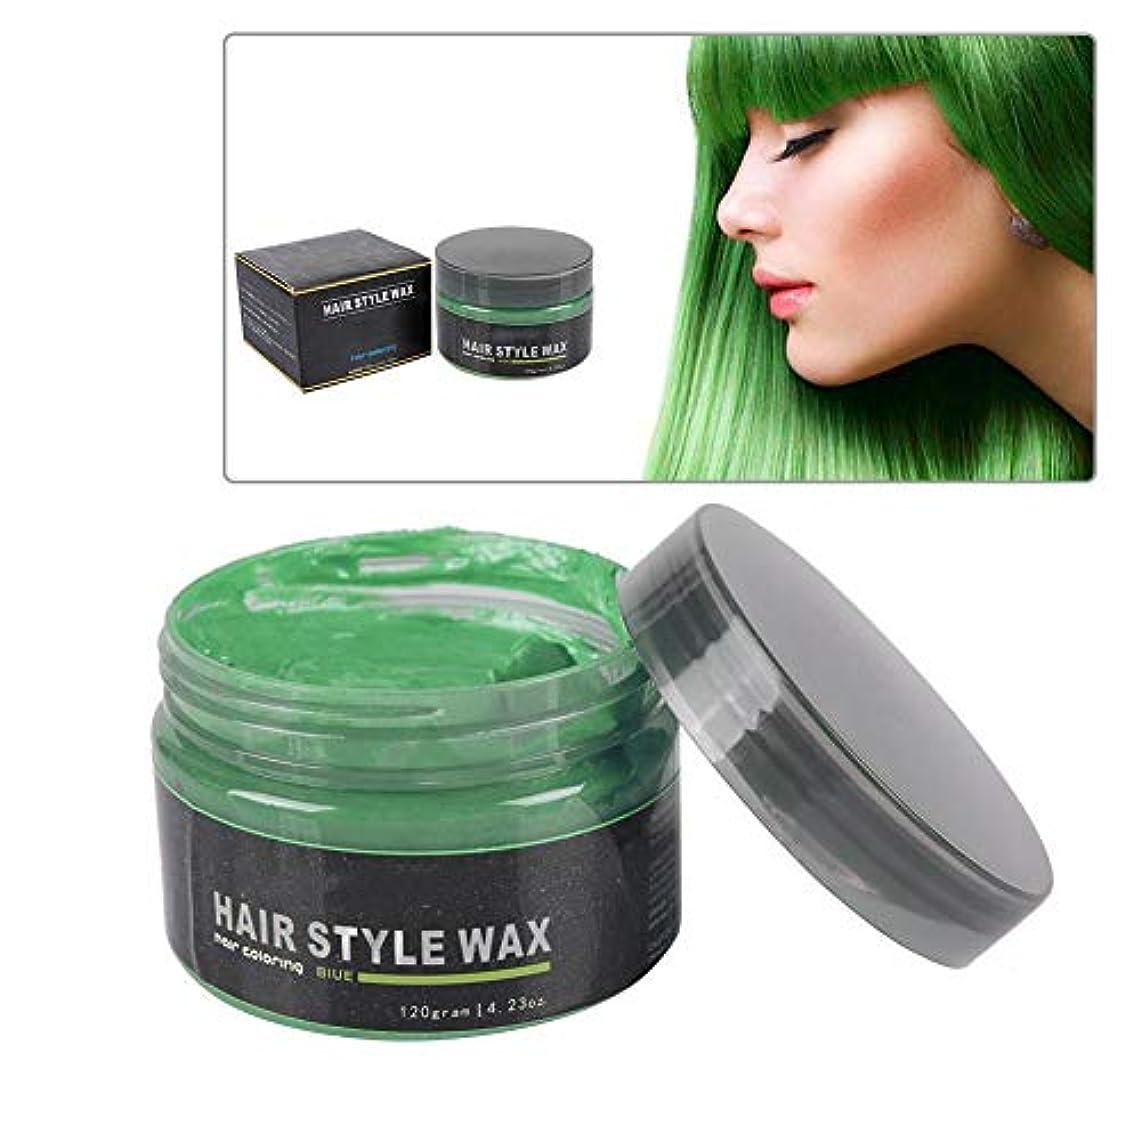 許さないジャーナリスト何十人も使い捨ての新しいヘアカラーワックス、染毛剤の着色泥のヘアスタイルモデリングクリーム120グラム(グリーン)